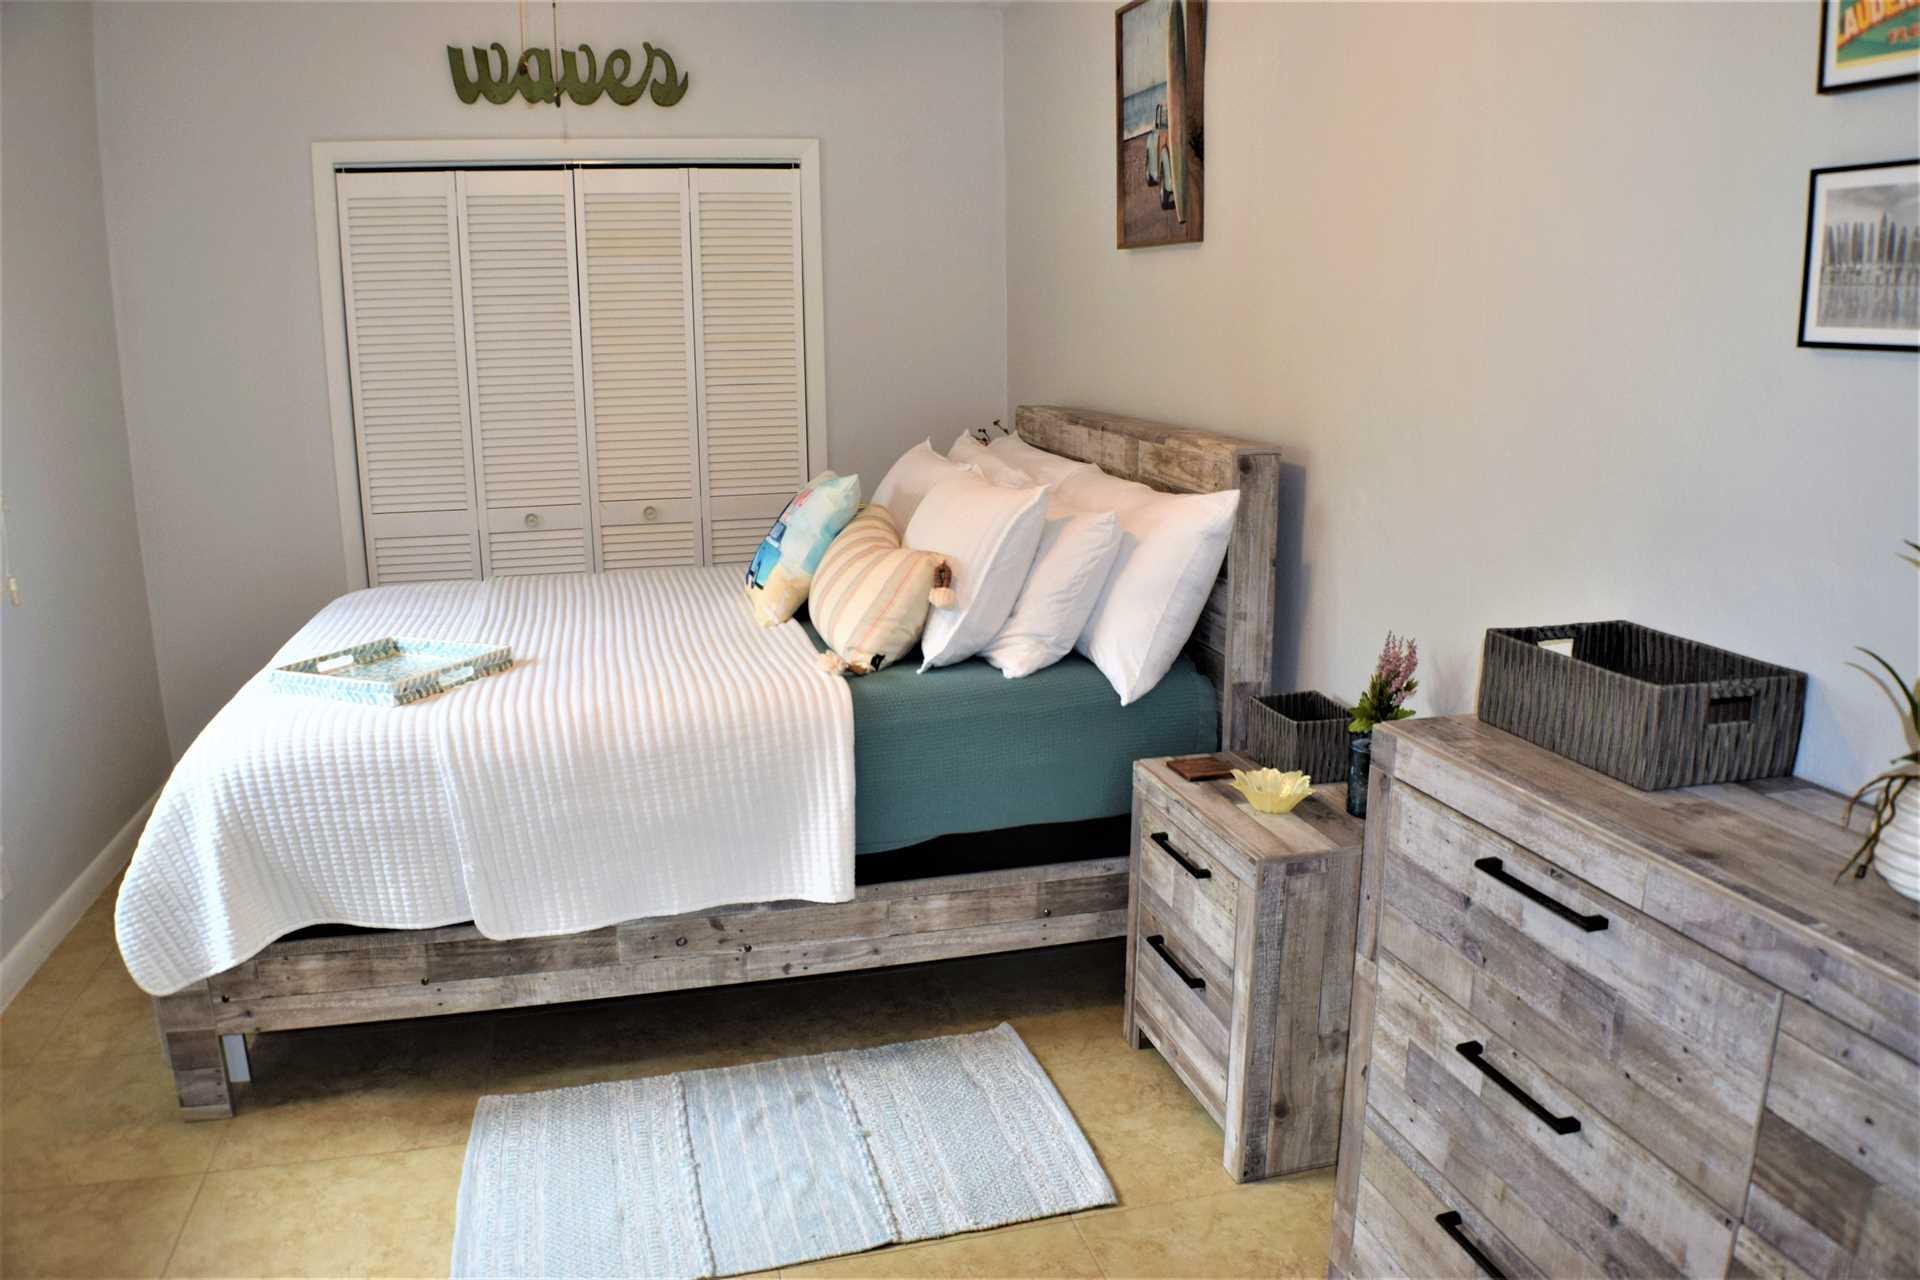 Second bedroom has queen bed